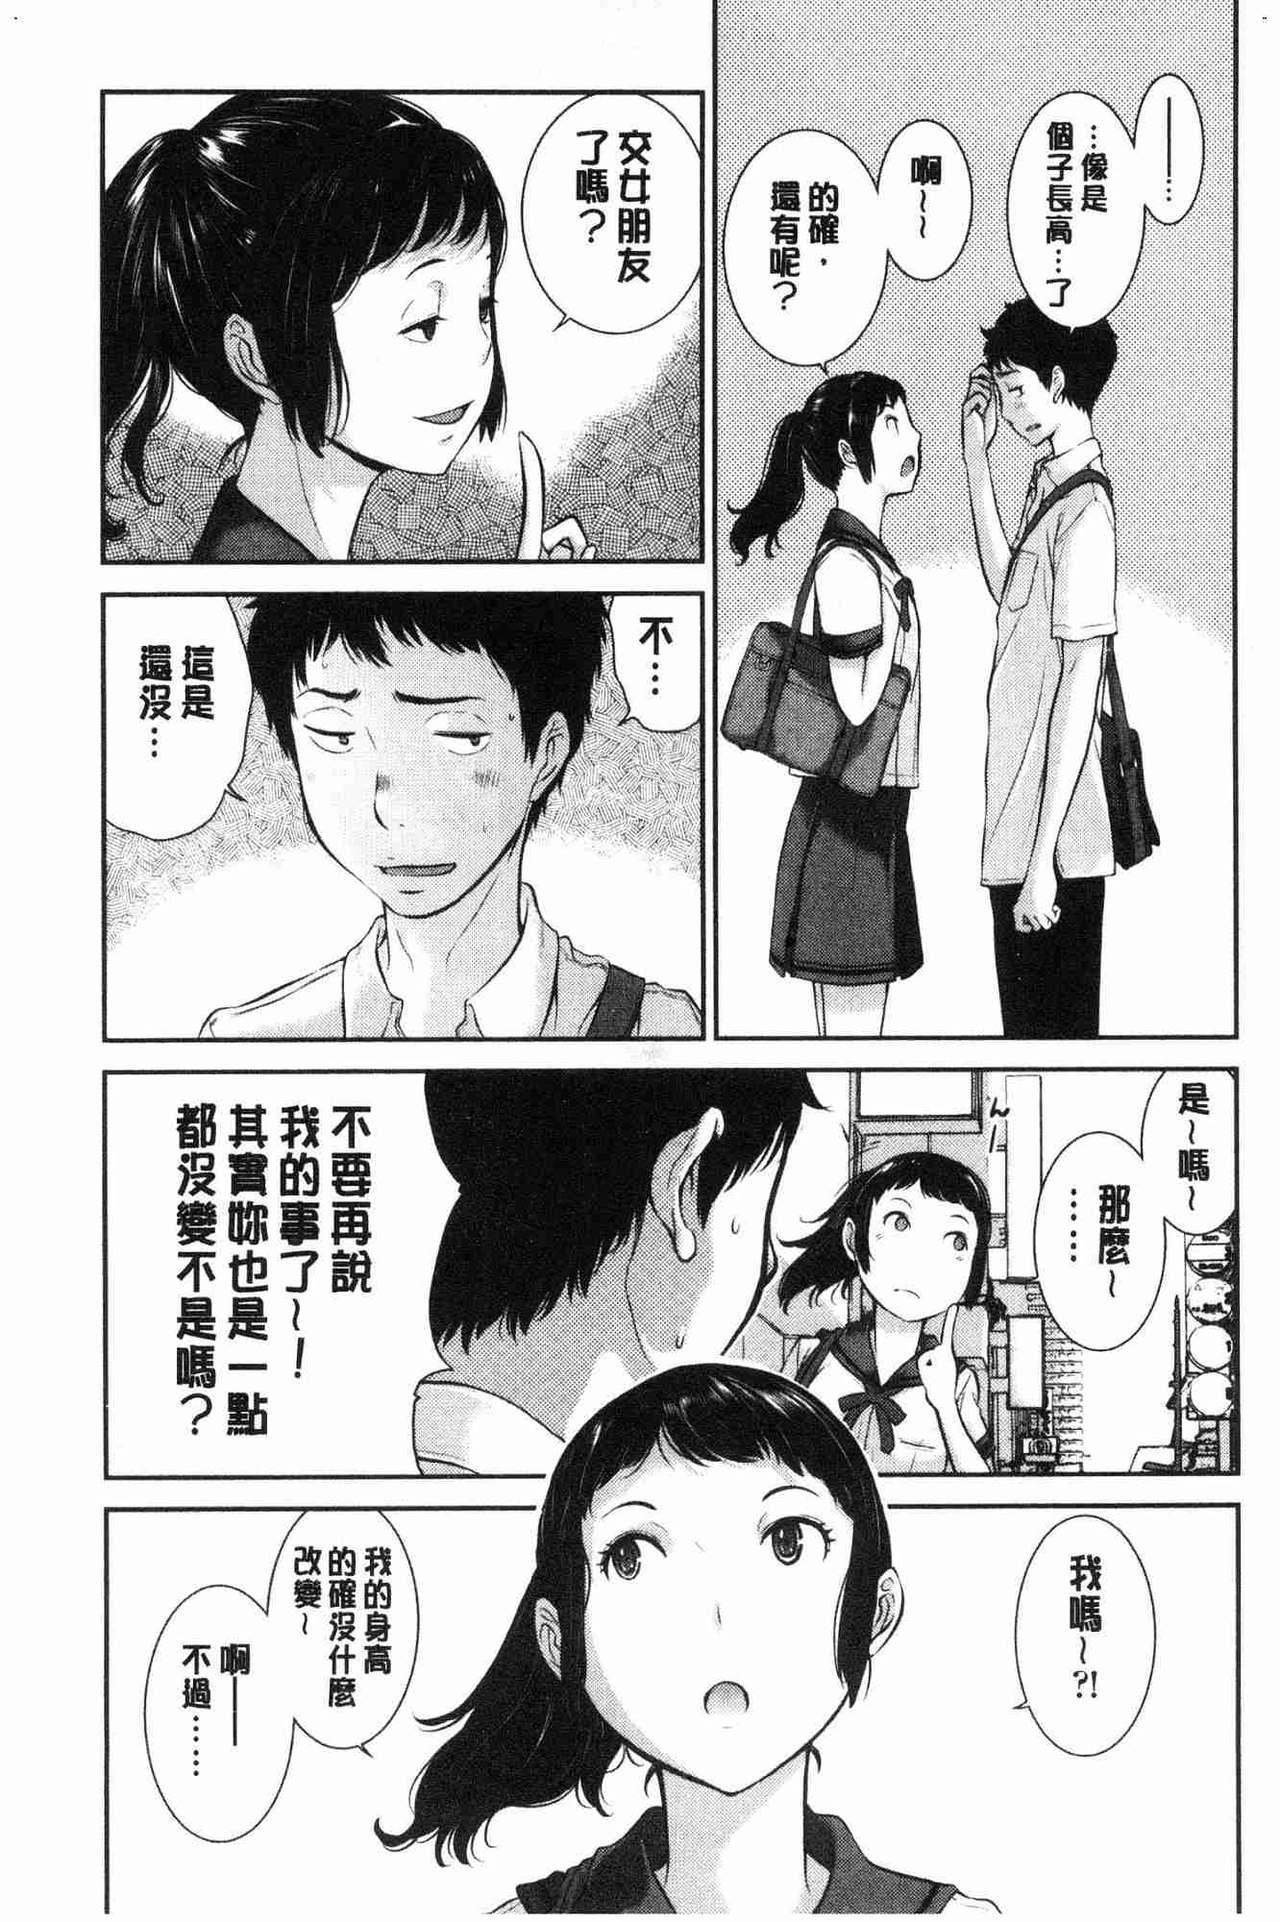 [Harazaki Takuma] Seifuku Shijou Shugi -Natsu- - Uniforms supremacy [Chinese] 63